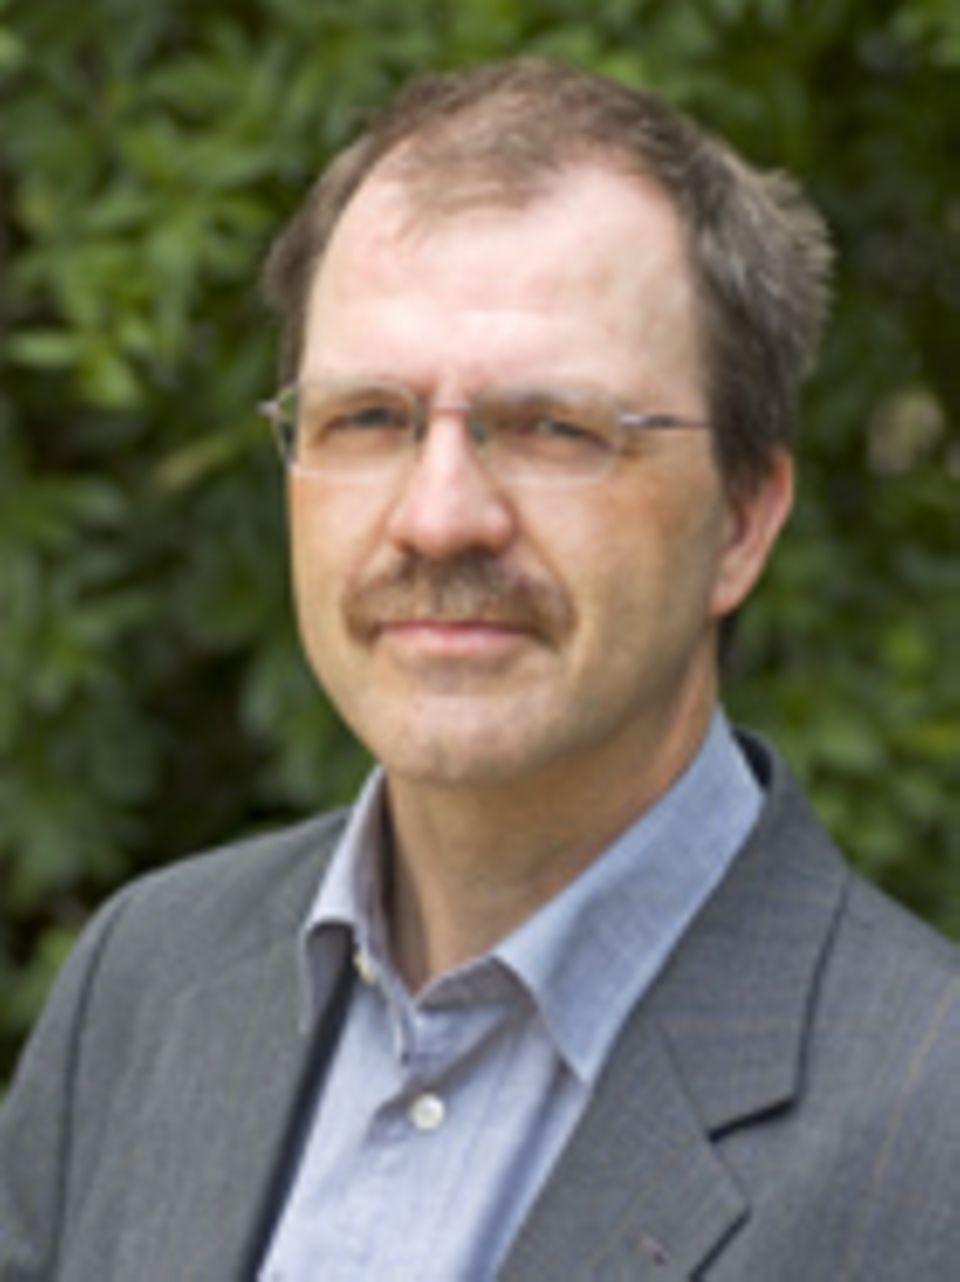 Altkleidersammlungen: Andreas Voget ist Geschäftsführer des Dachverbands FairWertung e.V.